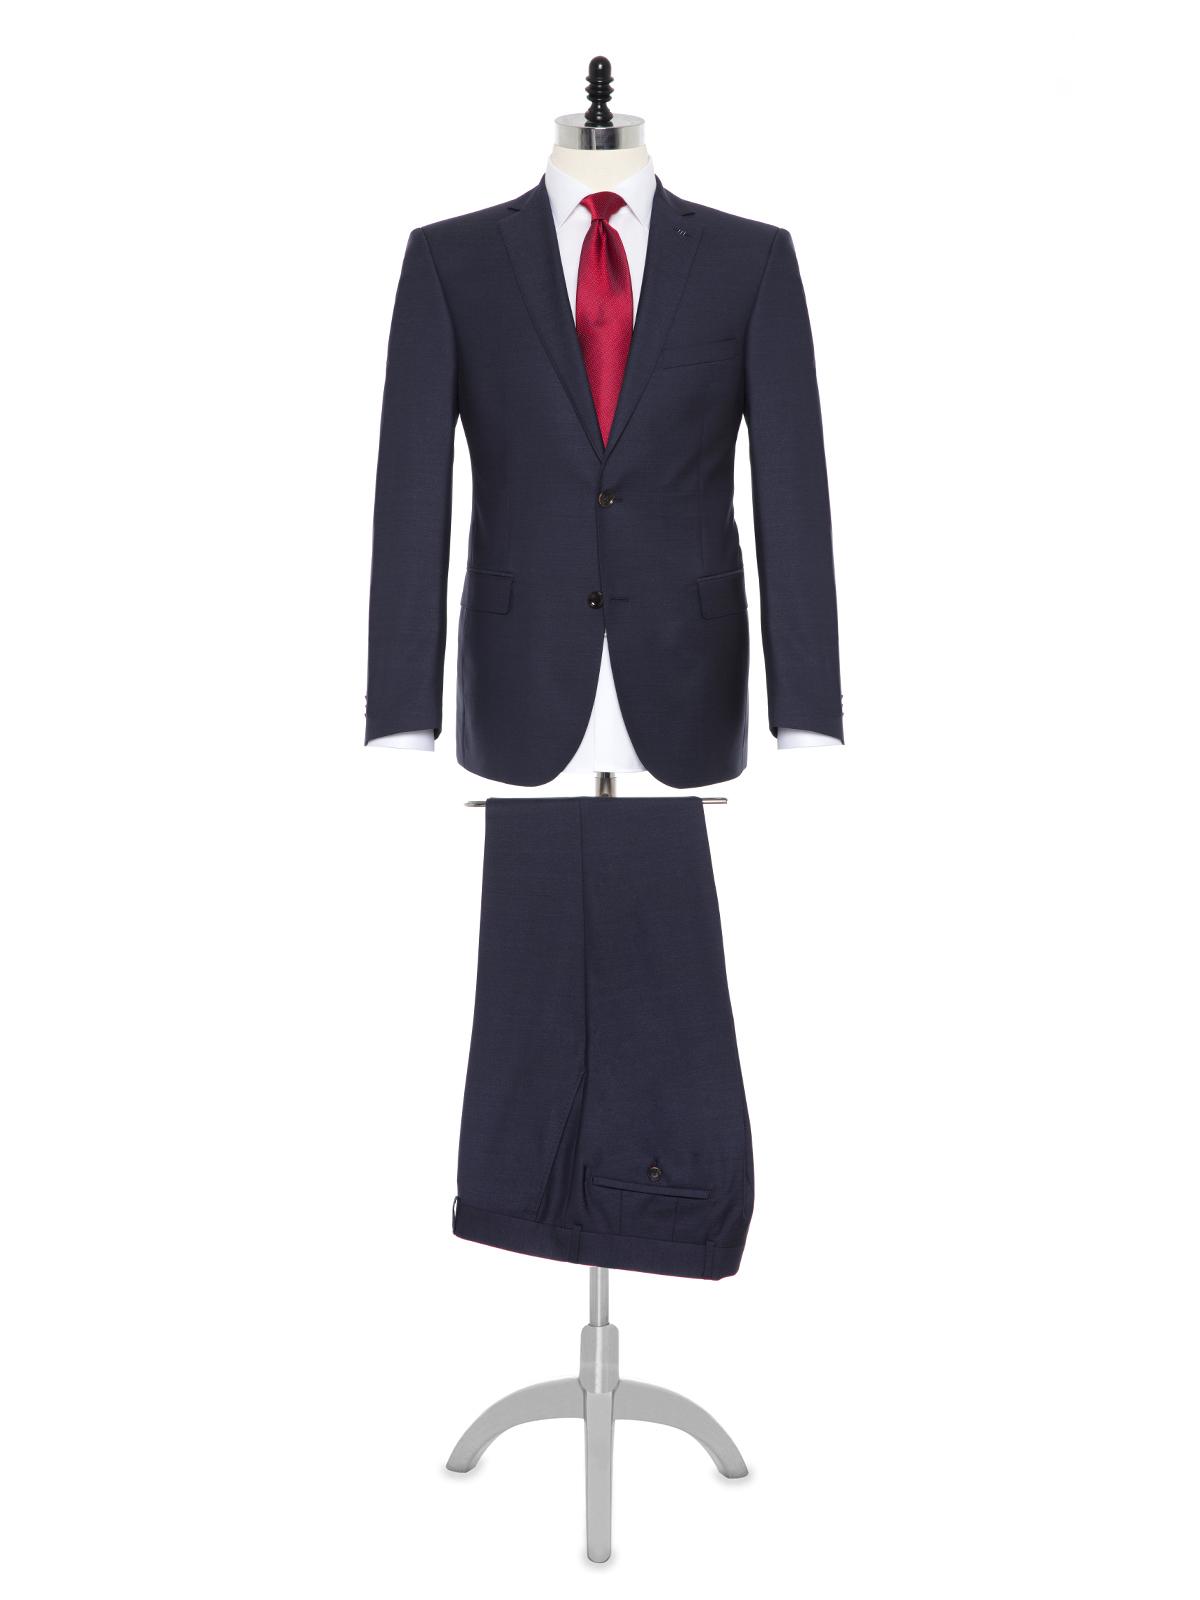 Carl Gross - Carl Gross Cerruti Silk light Lacivert Yün İpek Takım Elbise